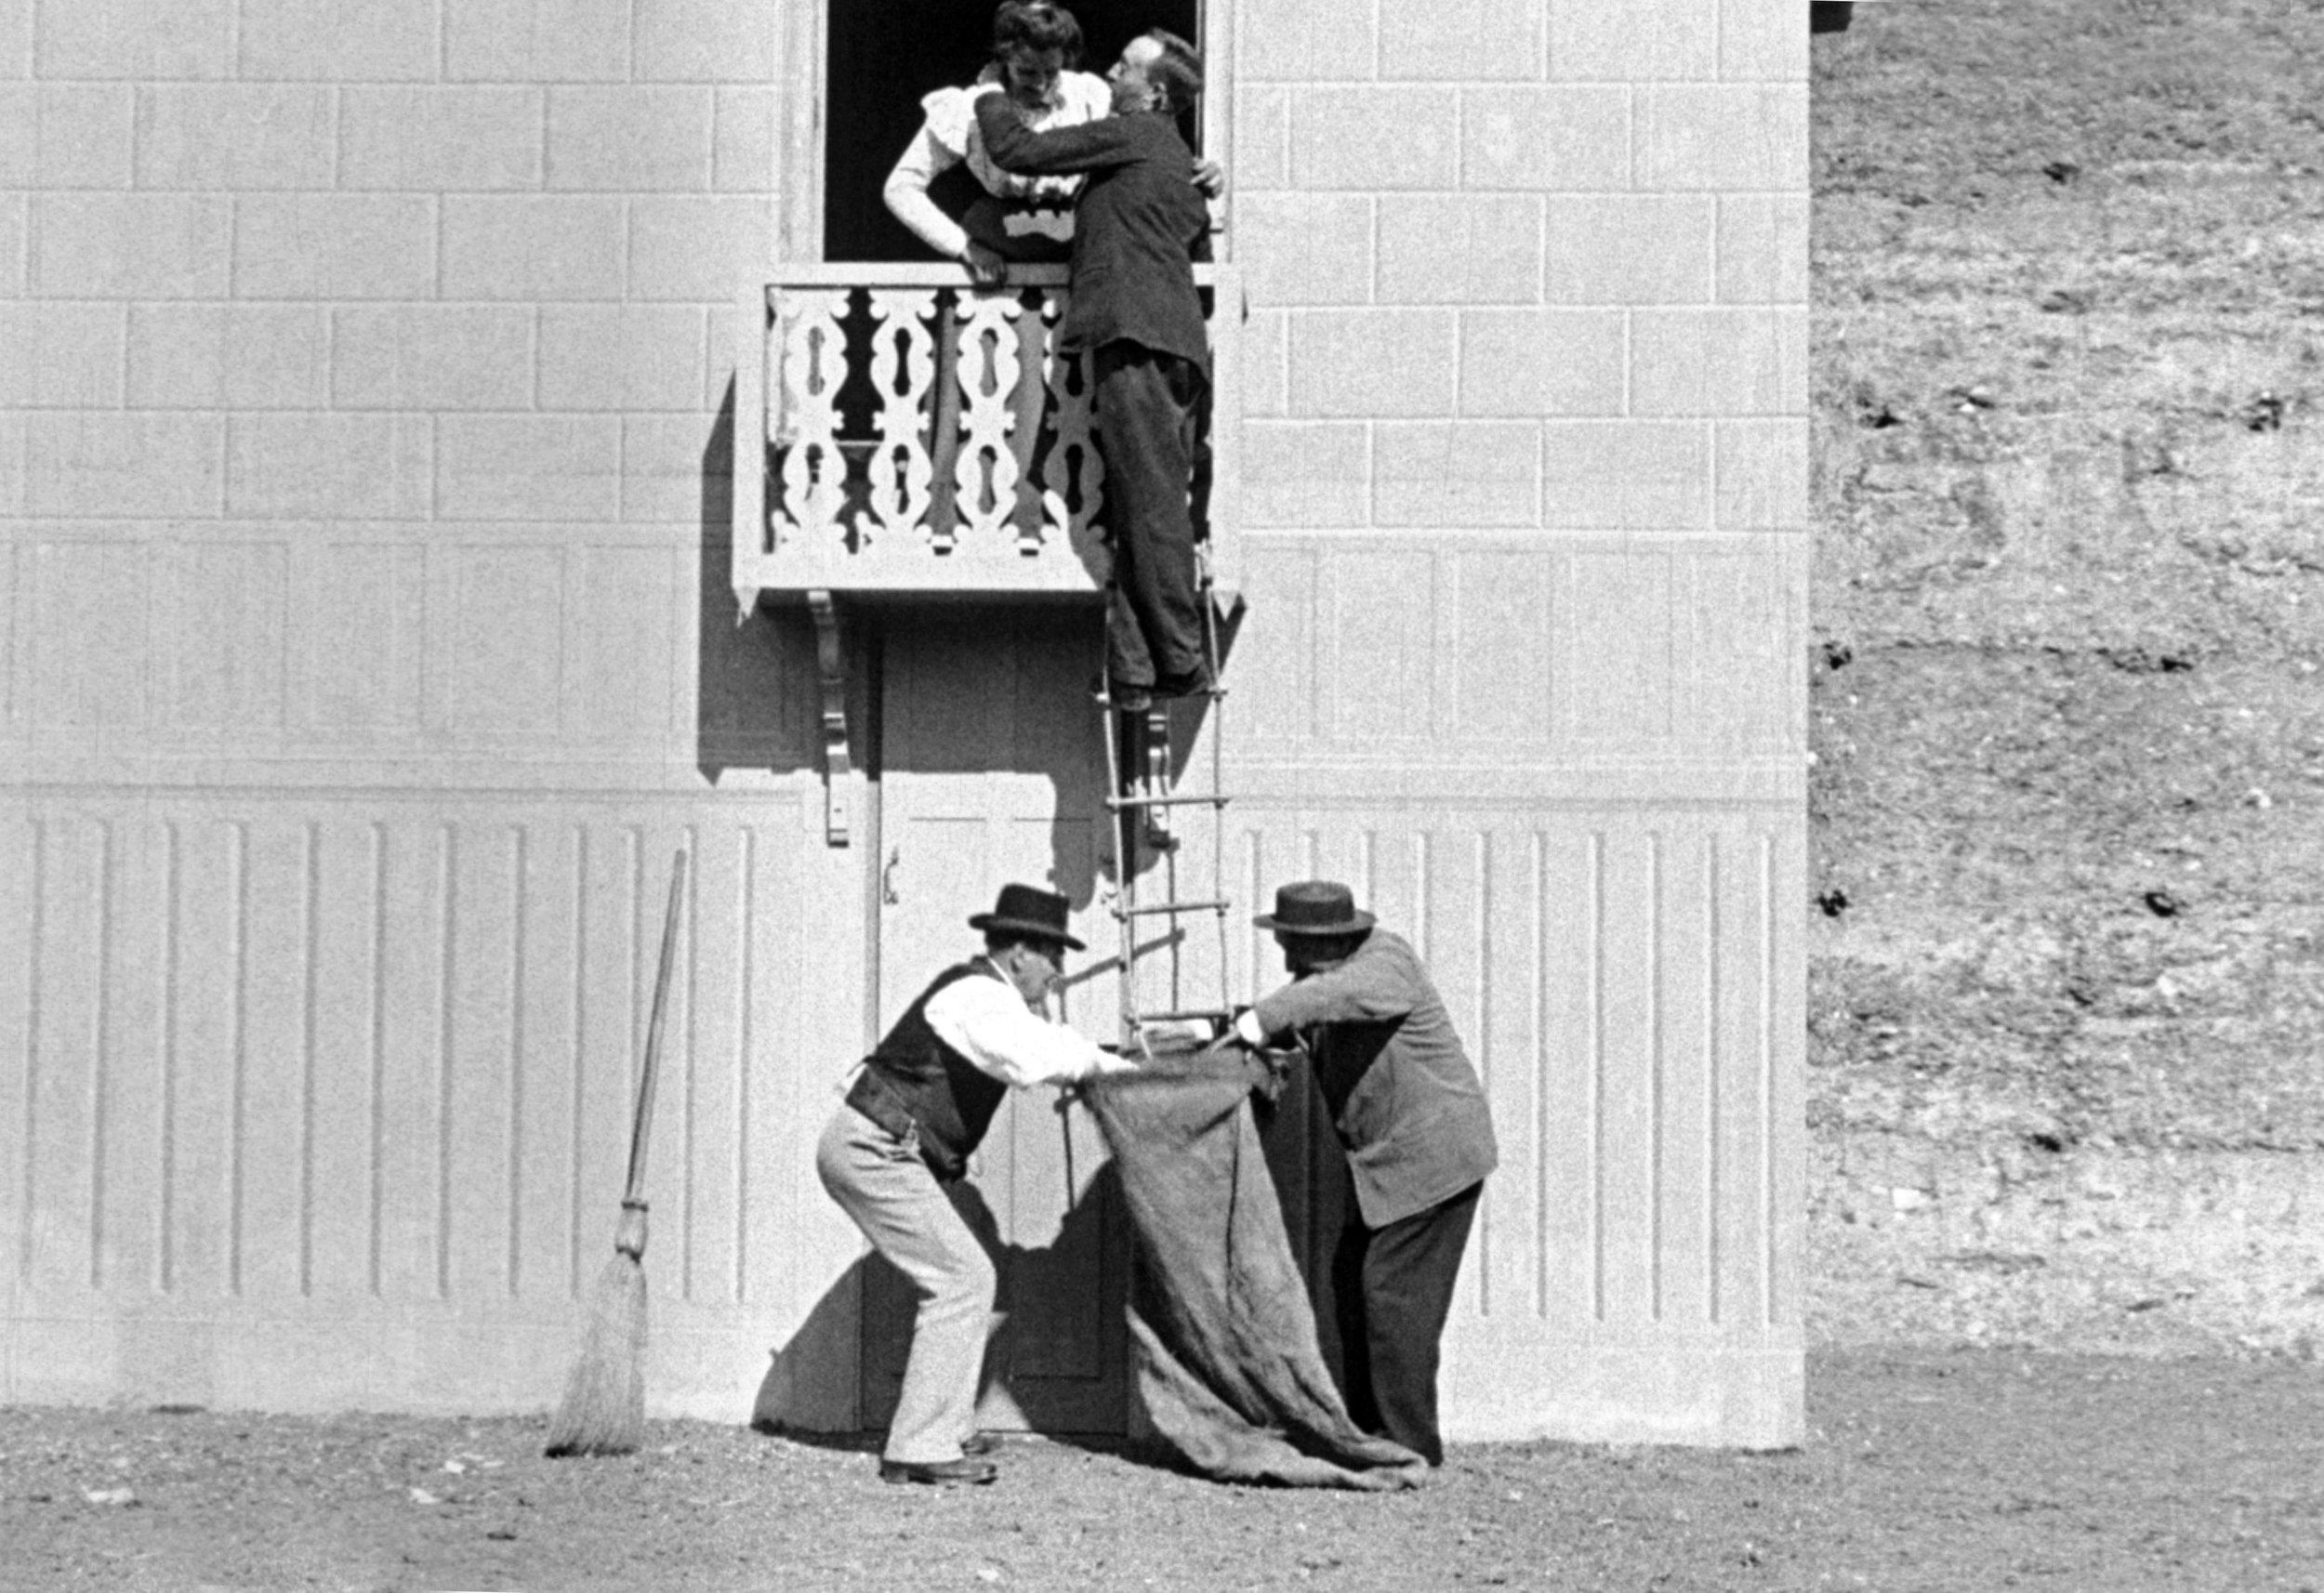 Frieren blir intetanende lurt opp i en sekk etter å ha stjålet kyss på balkongen.